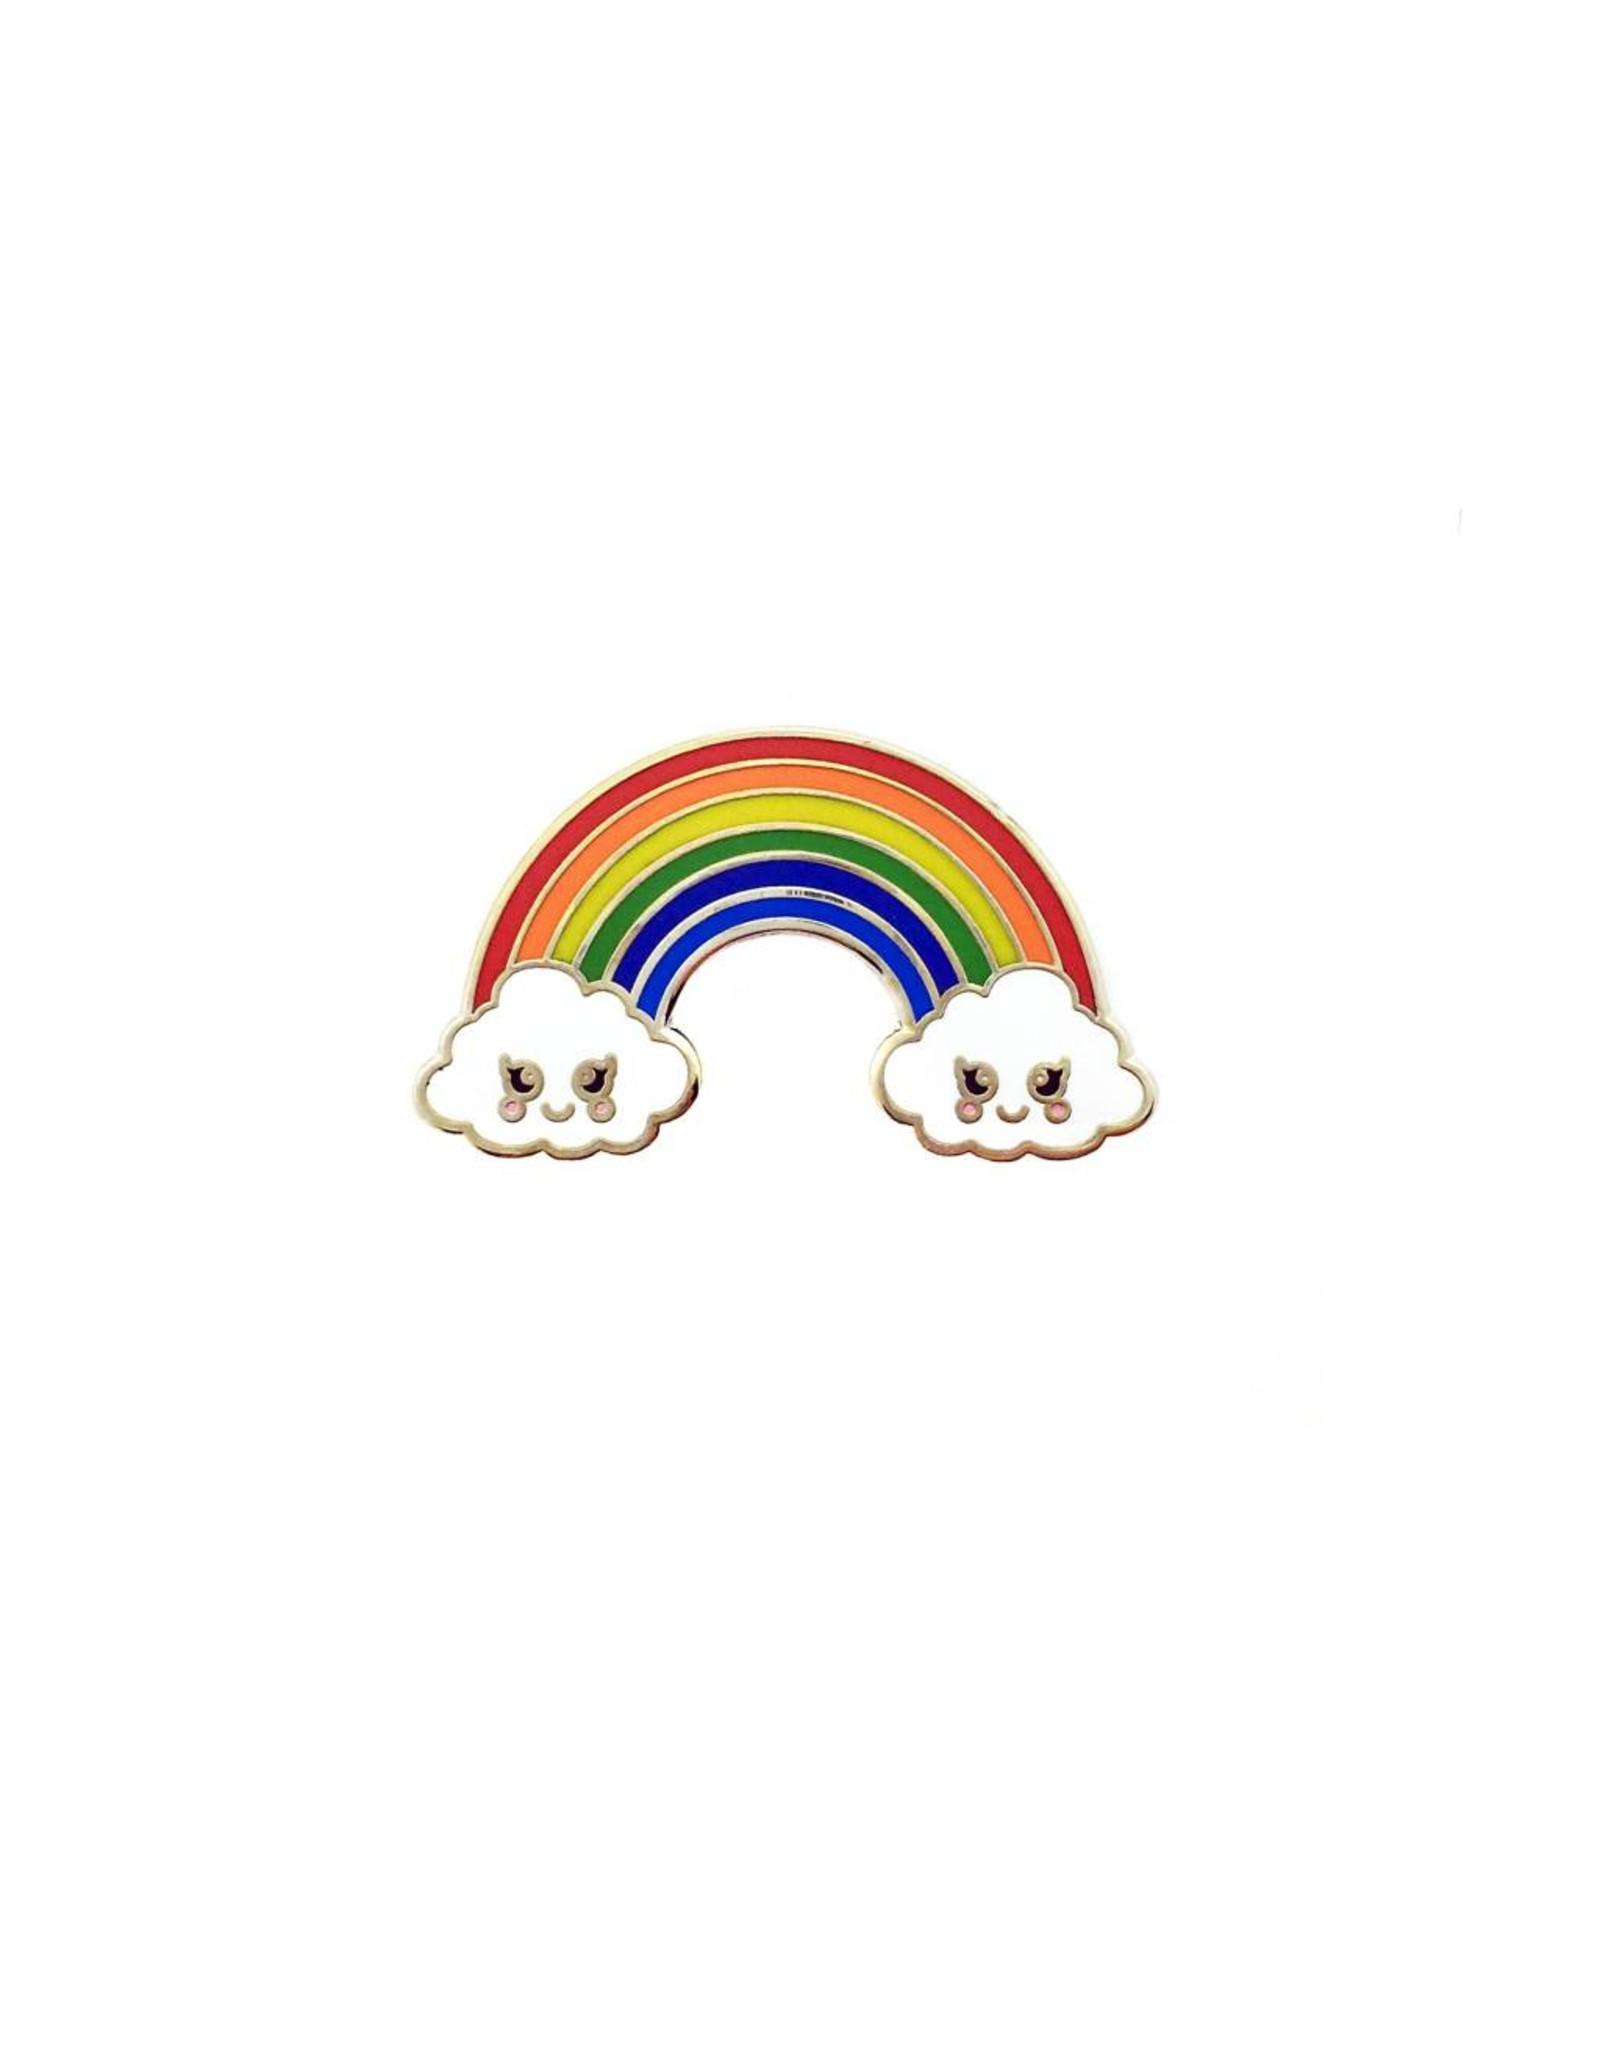 Pin regenboog